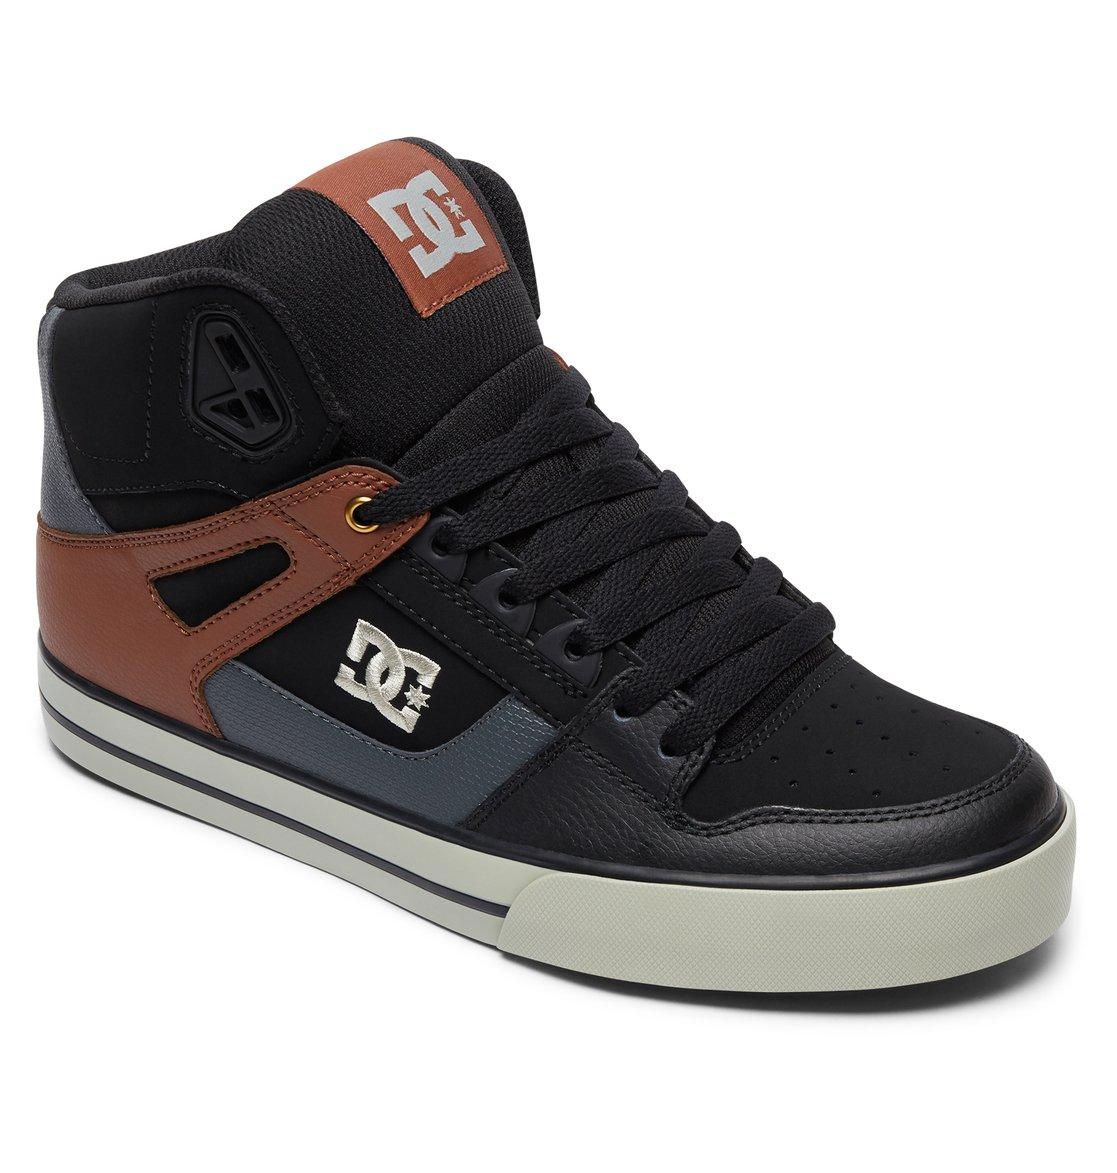 DC Shoes Spartan High WC - High-Top Shoes - Zapatillas - Hombre - EU 40